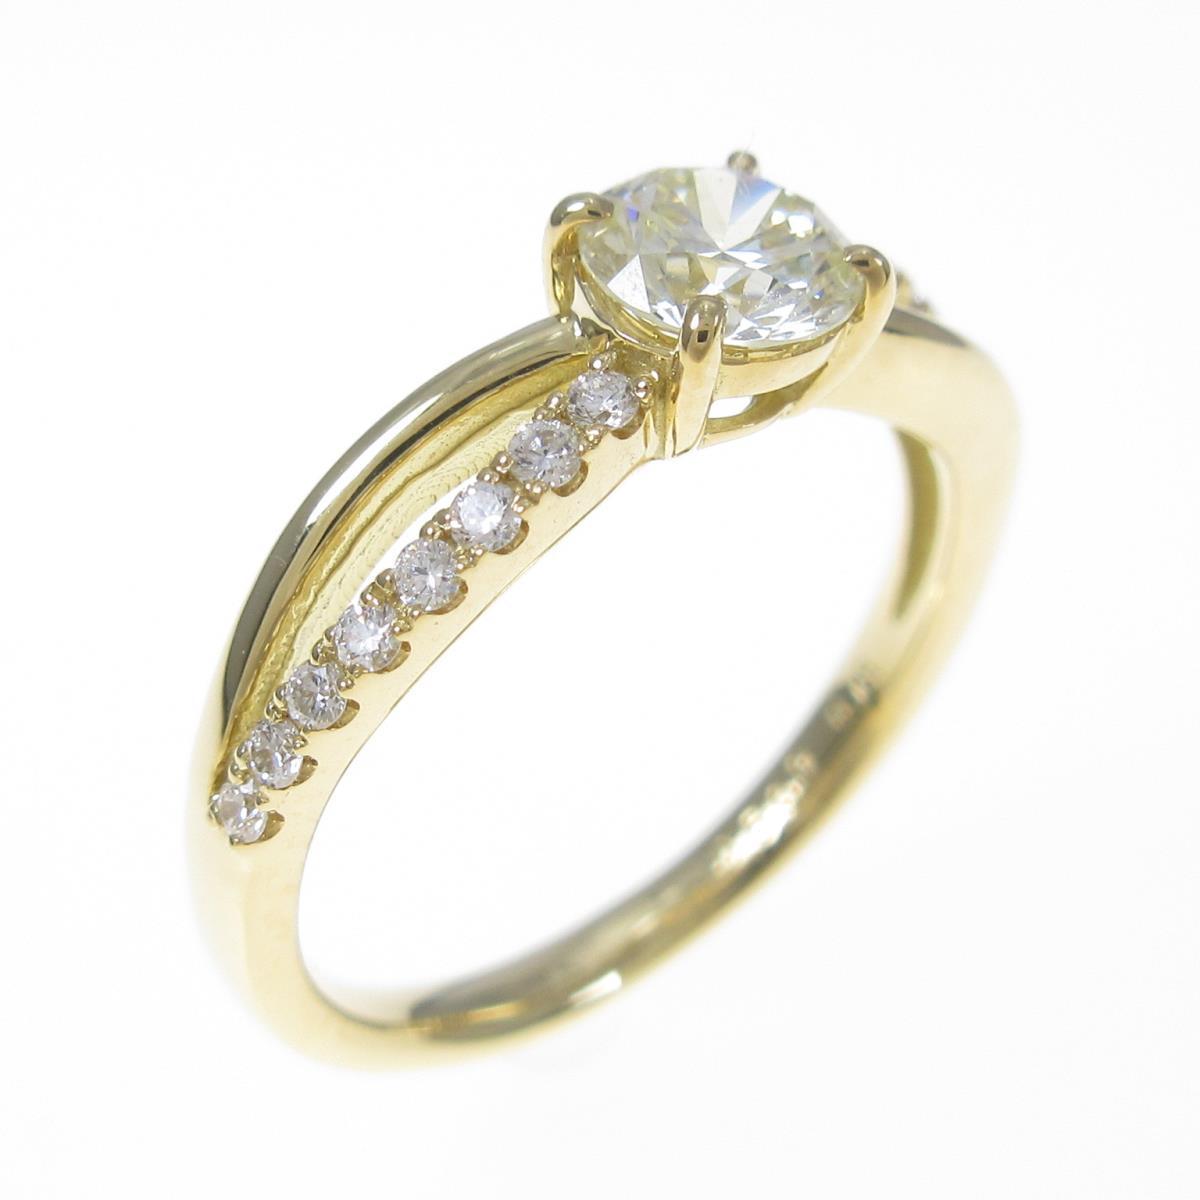 【リメイク】K18YG ダイヤモンドリング 0.509ct・VLY・VVS2・EXT H&C【中古】